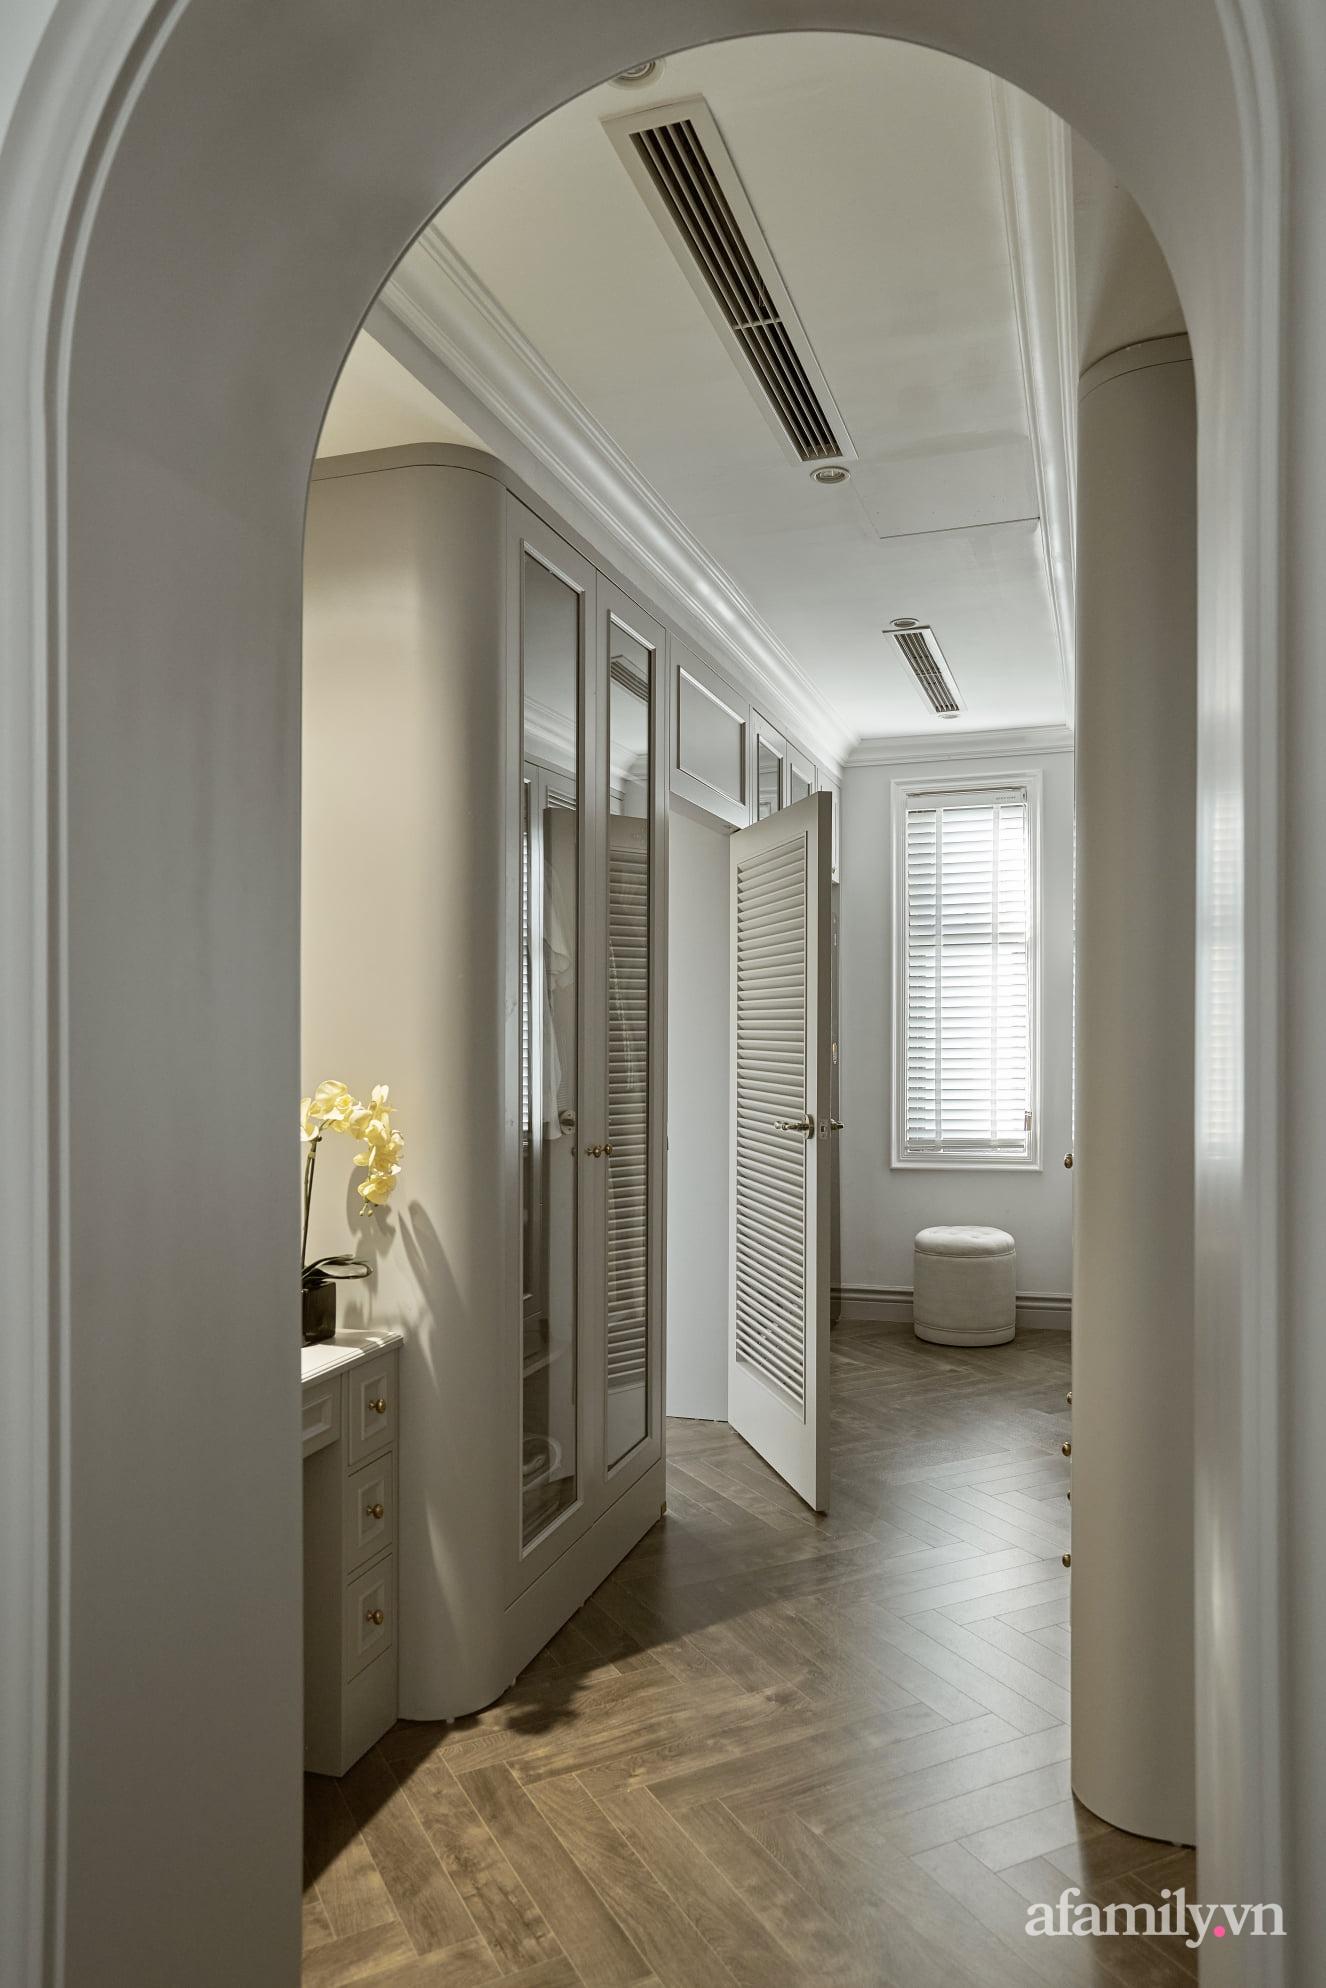 Nhà phố 3 tầng đẹp sang trọng với nội thất cực chất theo phong cách Traditional ở Hà Nội - Ảnh 21.